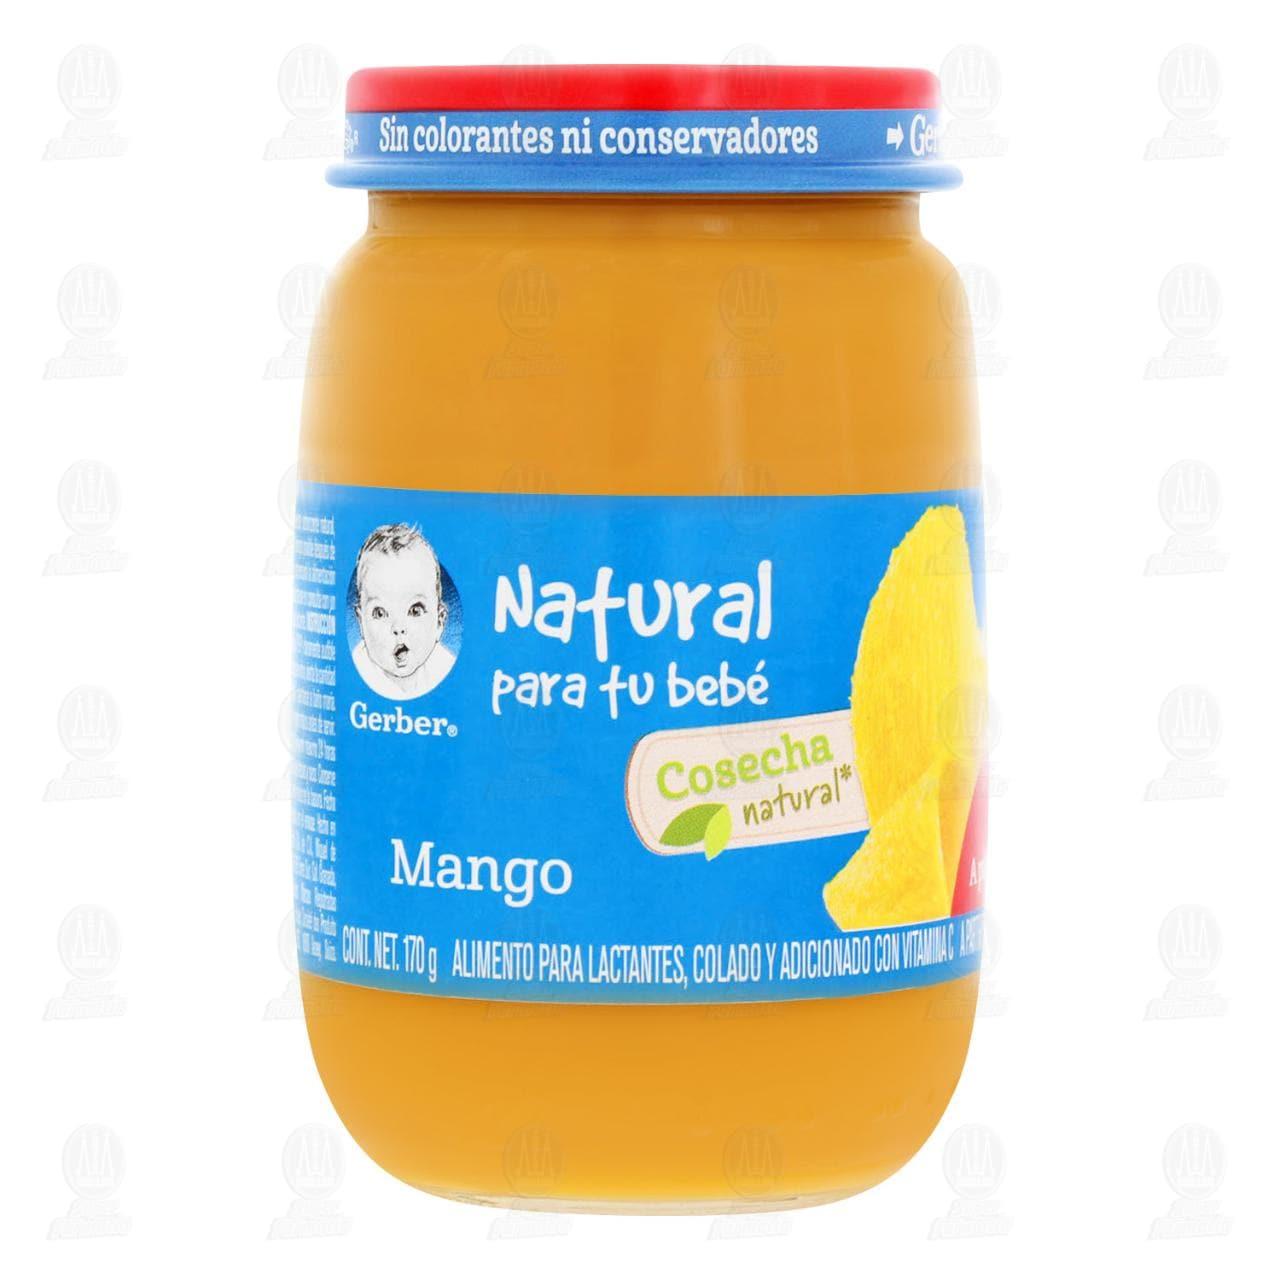 comprar https://www.movil.farmaciasguadalajara.com/wcsstore/FGCAS/wcs/products/522325_A_1280_AL.jpg en farmacias guadalajara